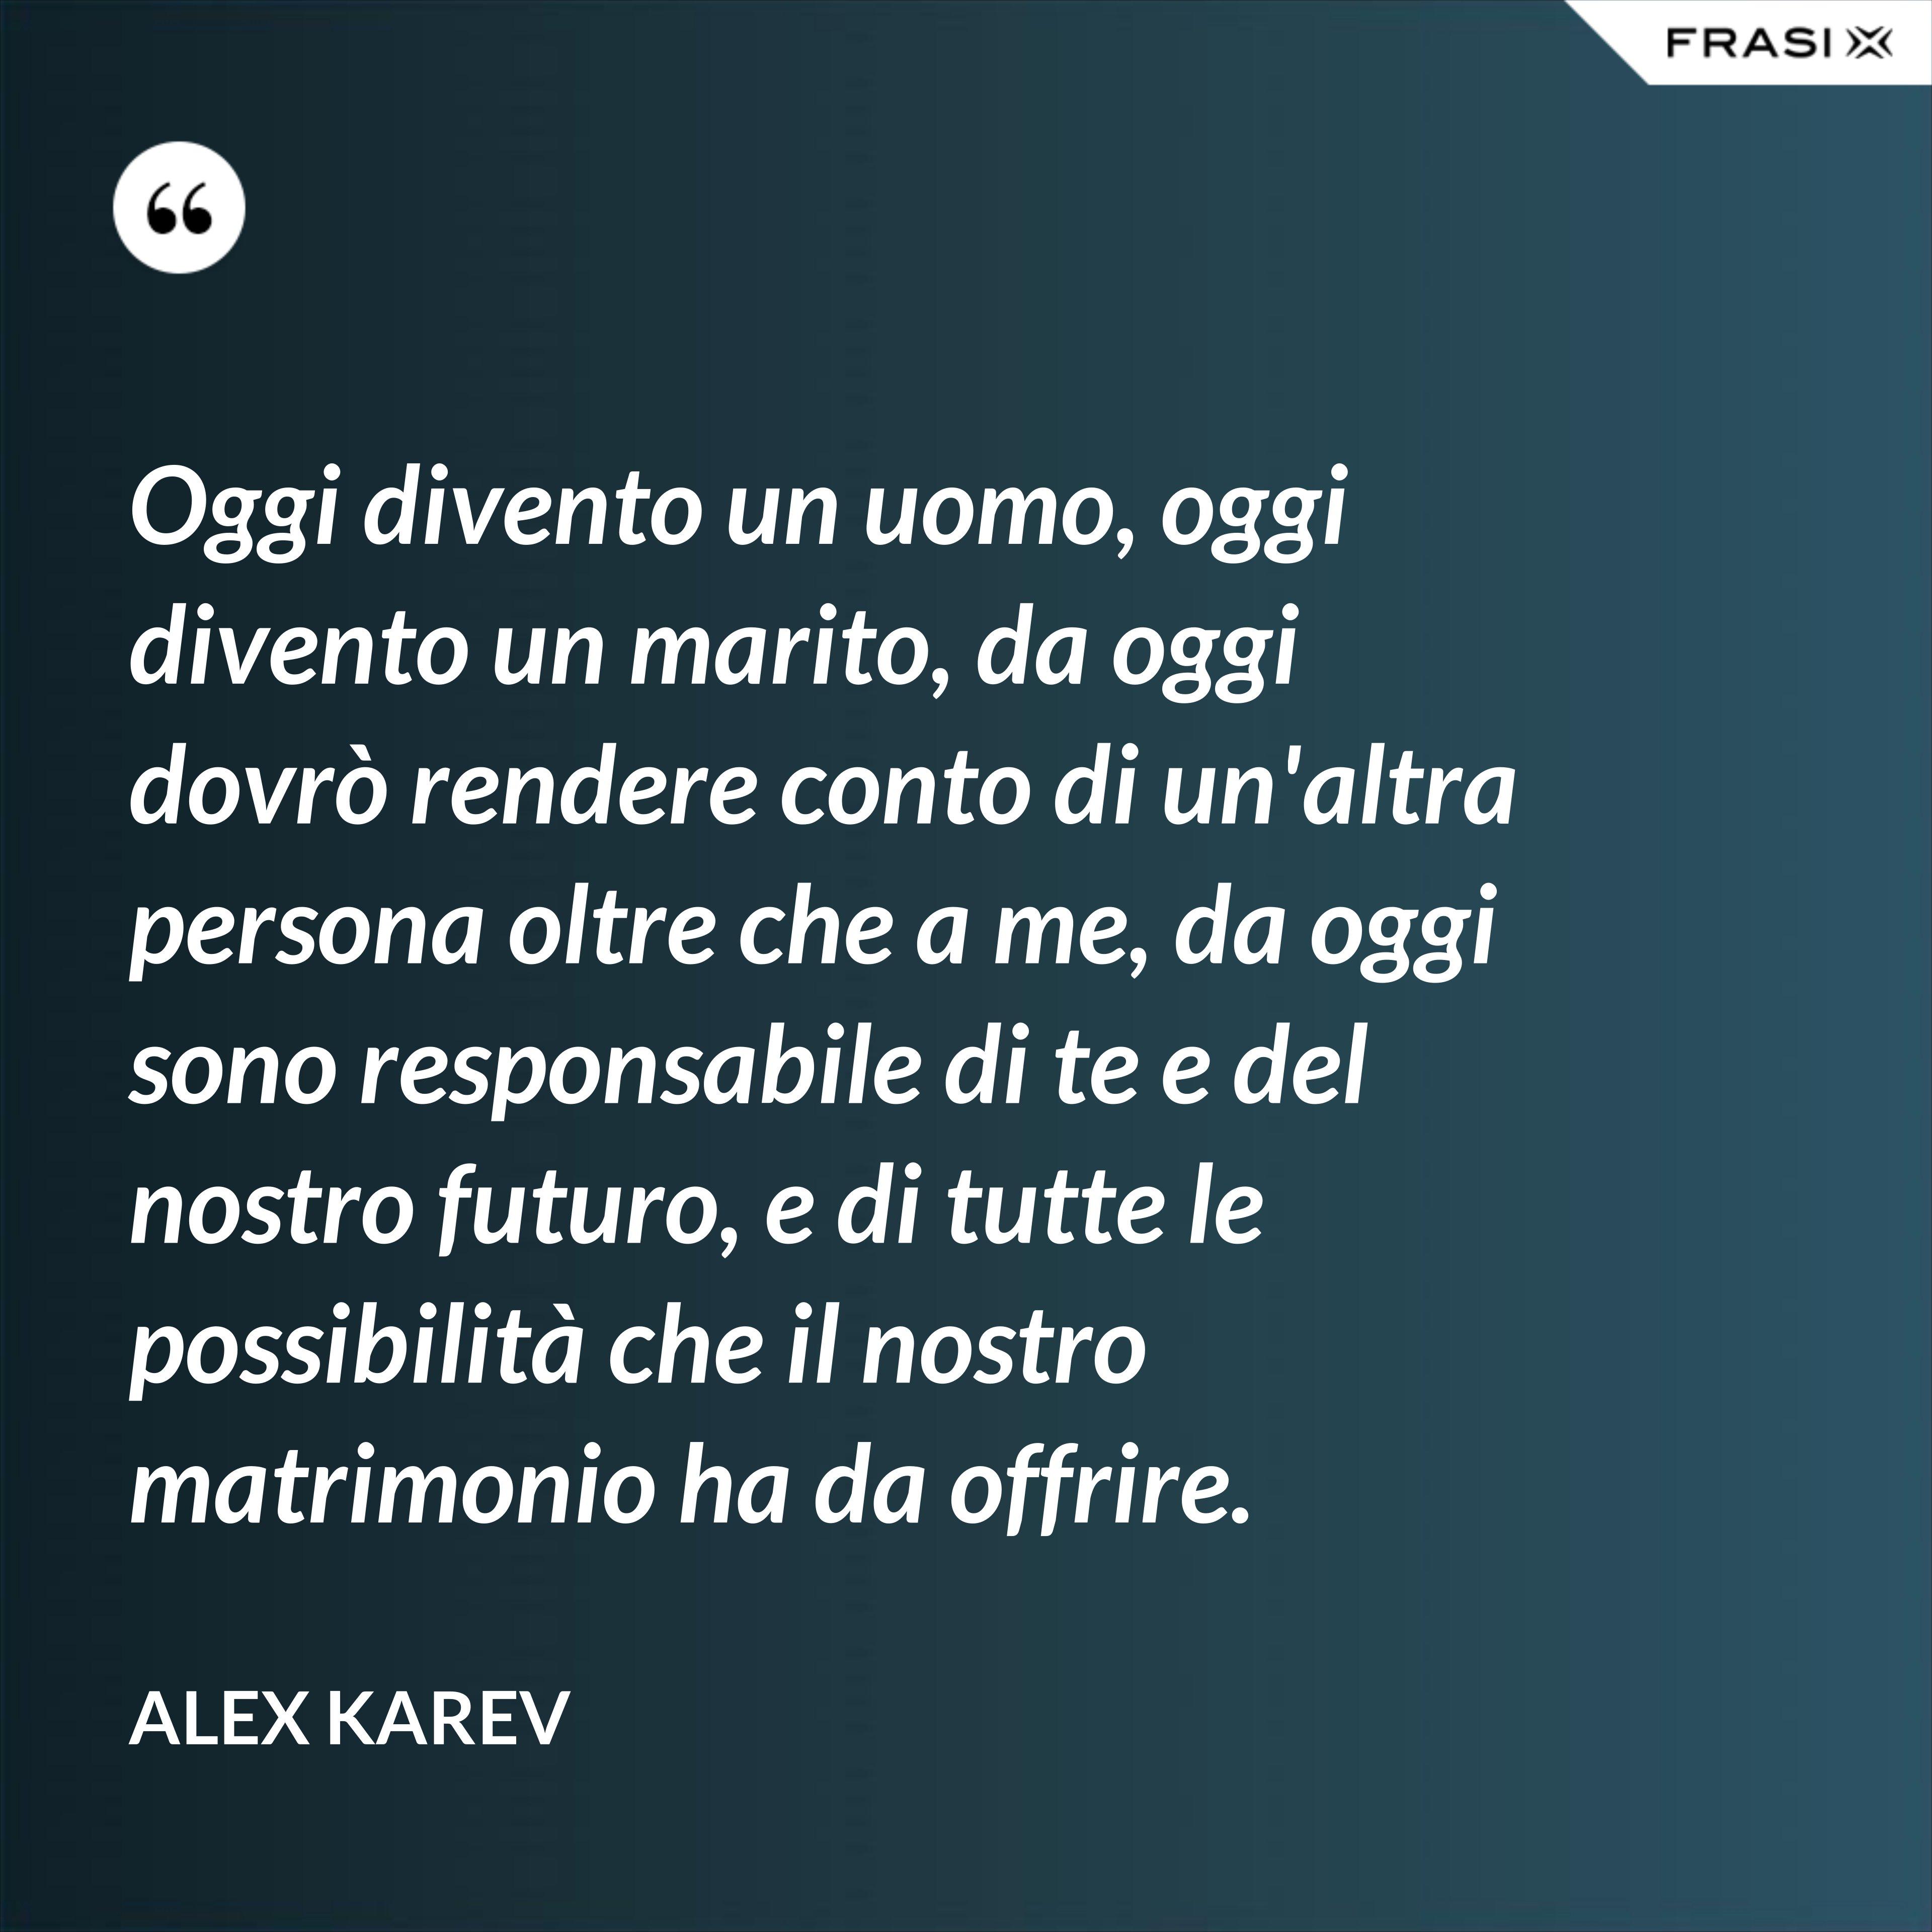 Oggi divento un uomo, oggi divento un marito, da oggi dovrò rendere conto di un'altra persona oltre che a me, da oggi sono responsabile di te e del nostro futuro, e di tutte le possibilità che il nostro matrimonio ha da offrire. - Alex Karev